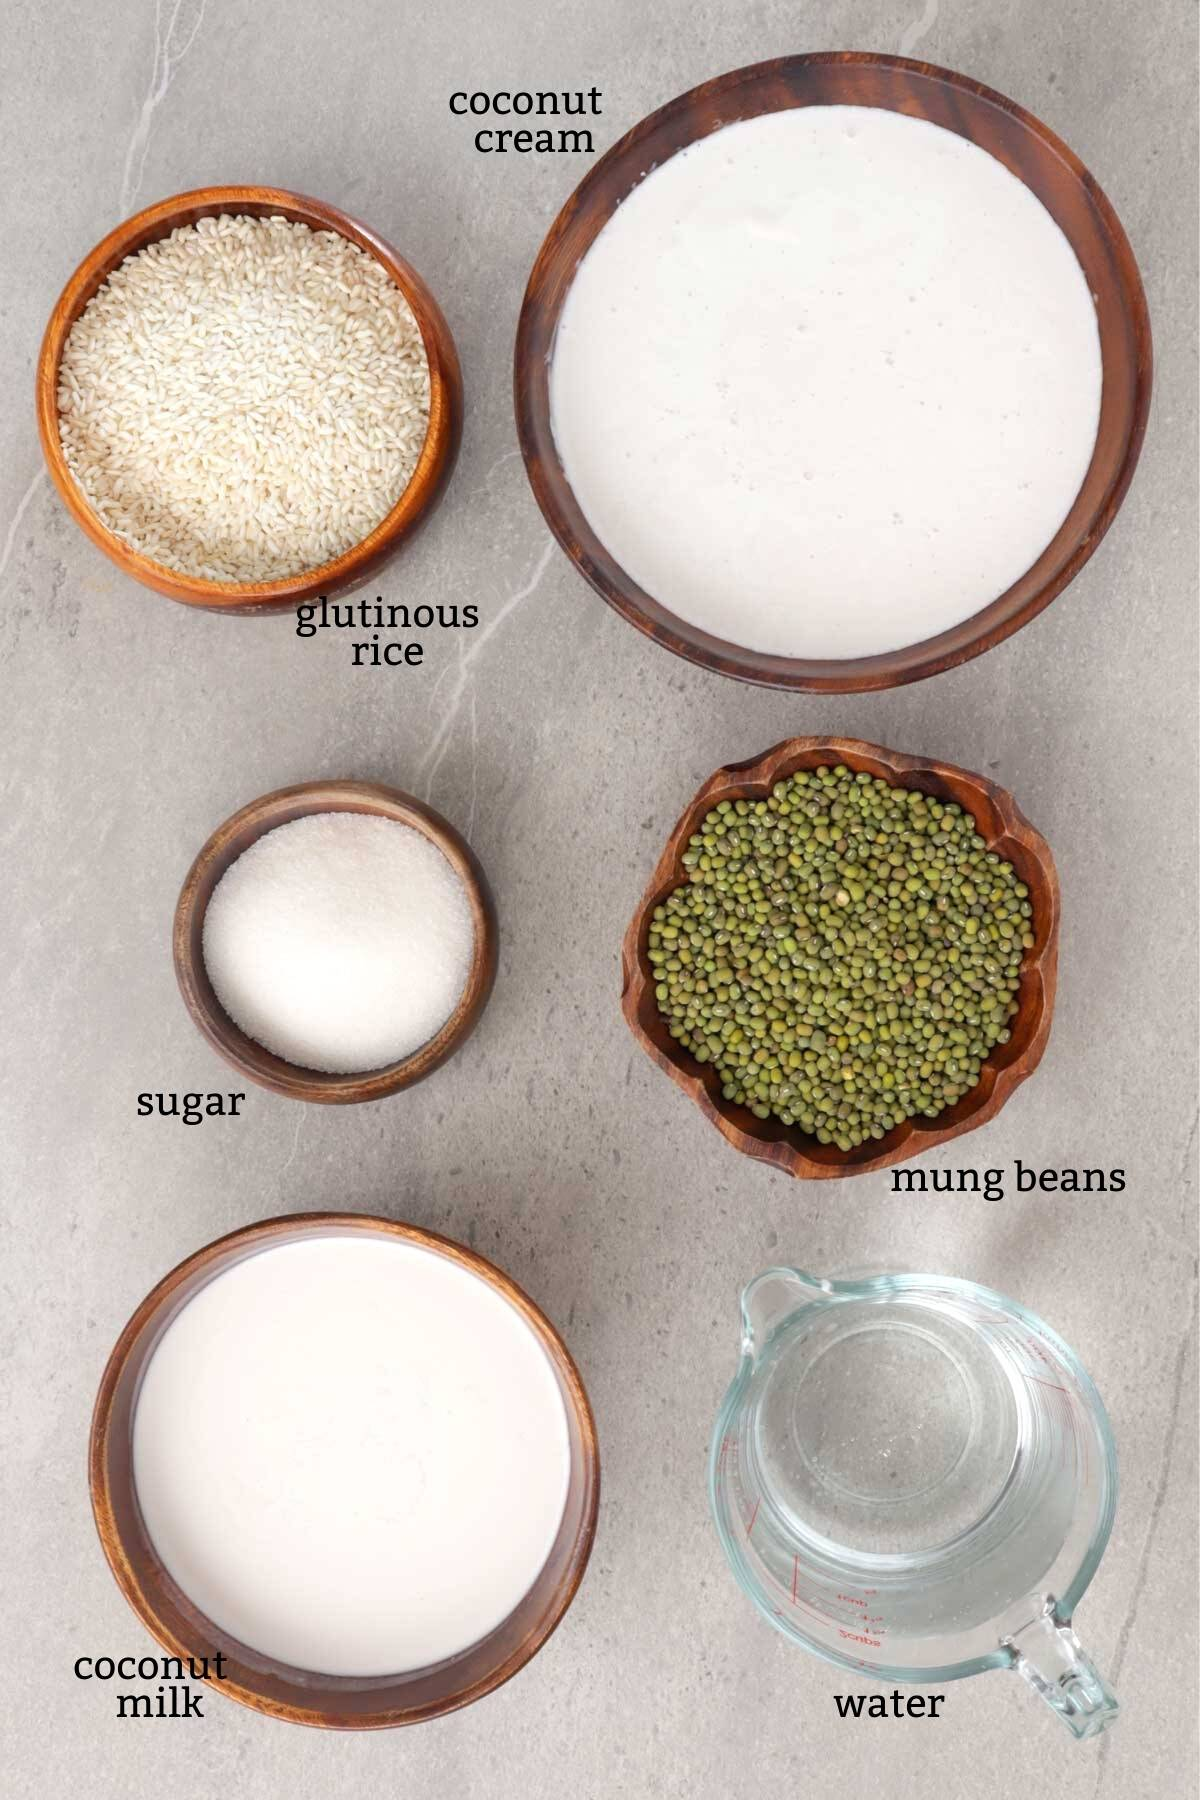 Ingredients for making Ginataang Munggo